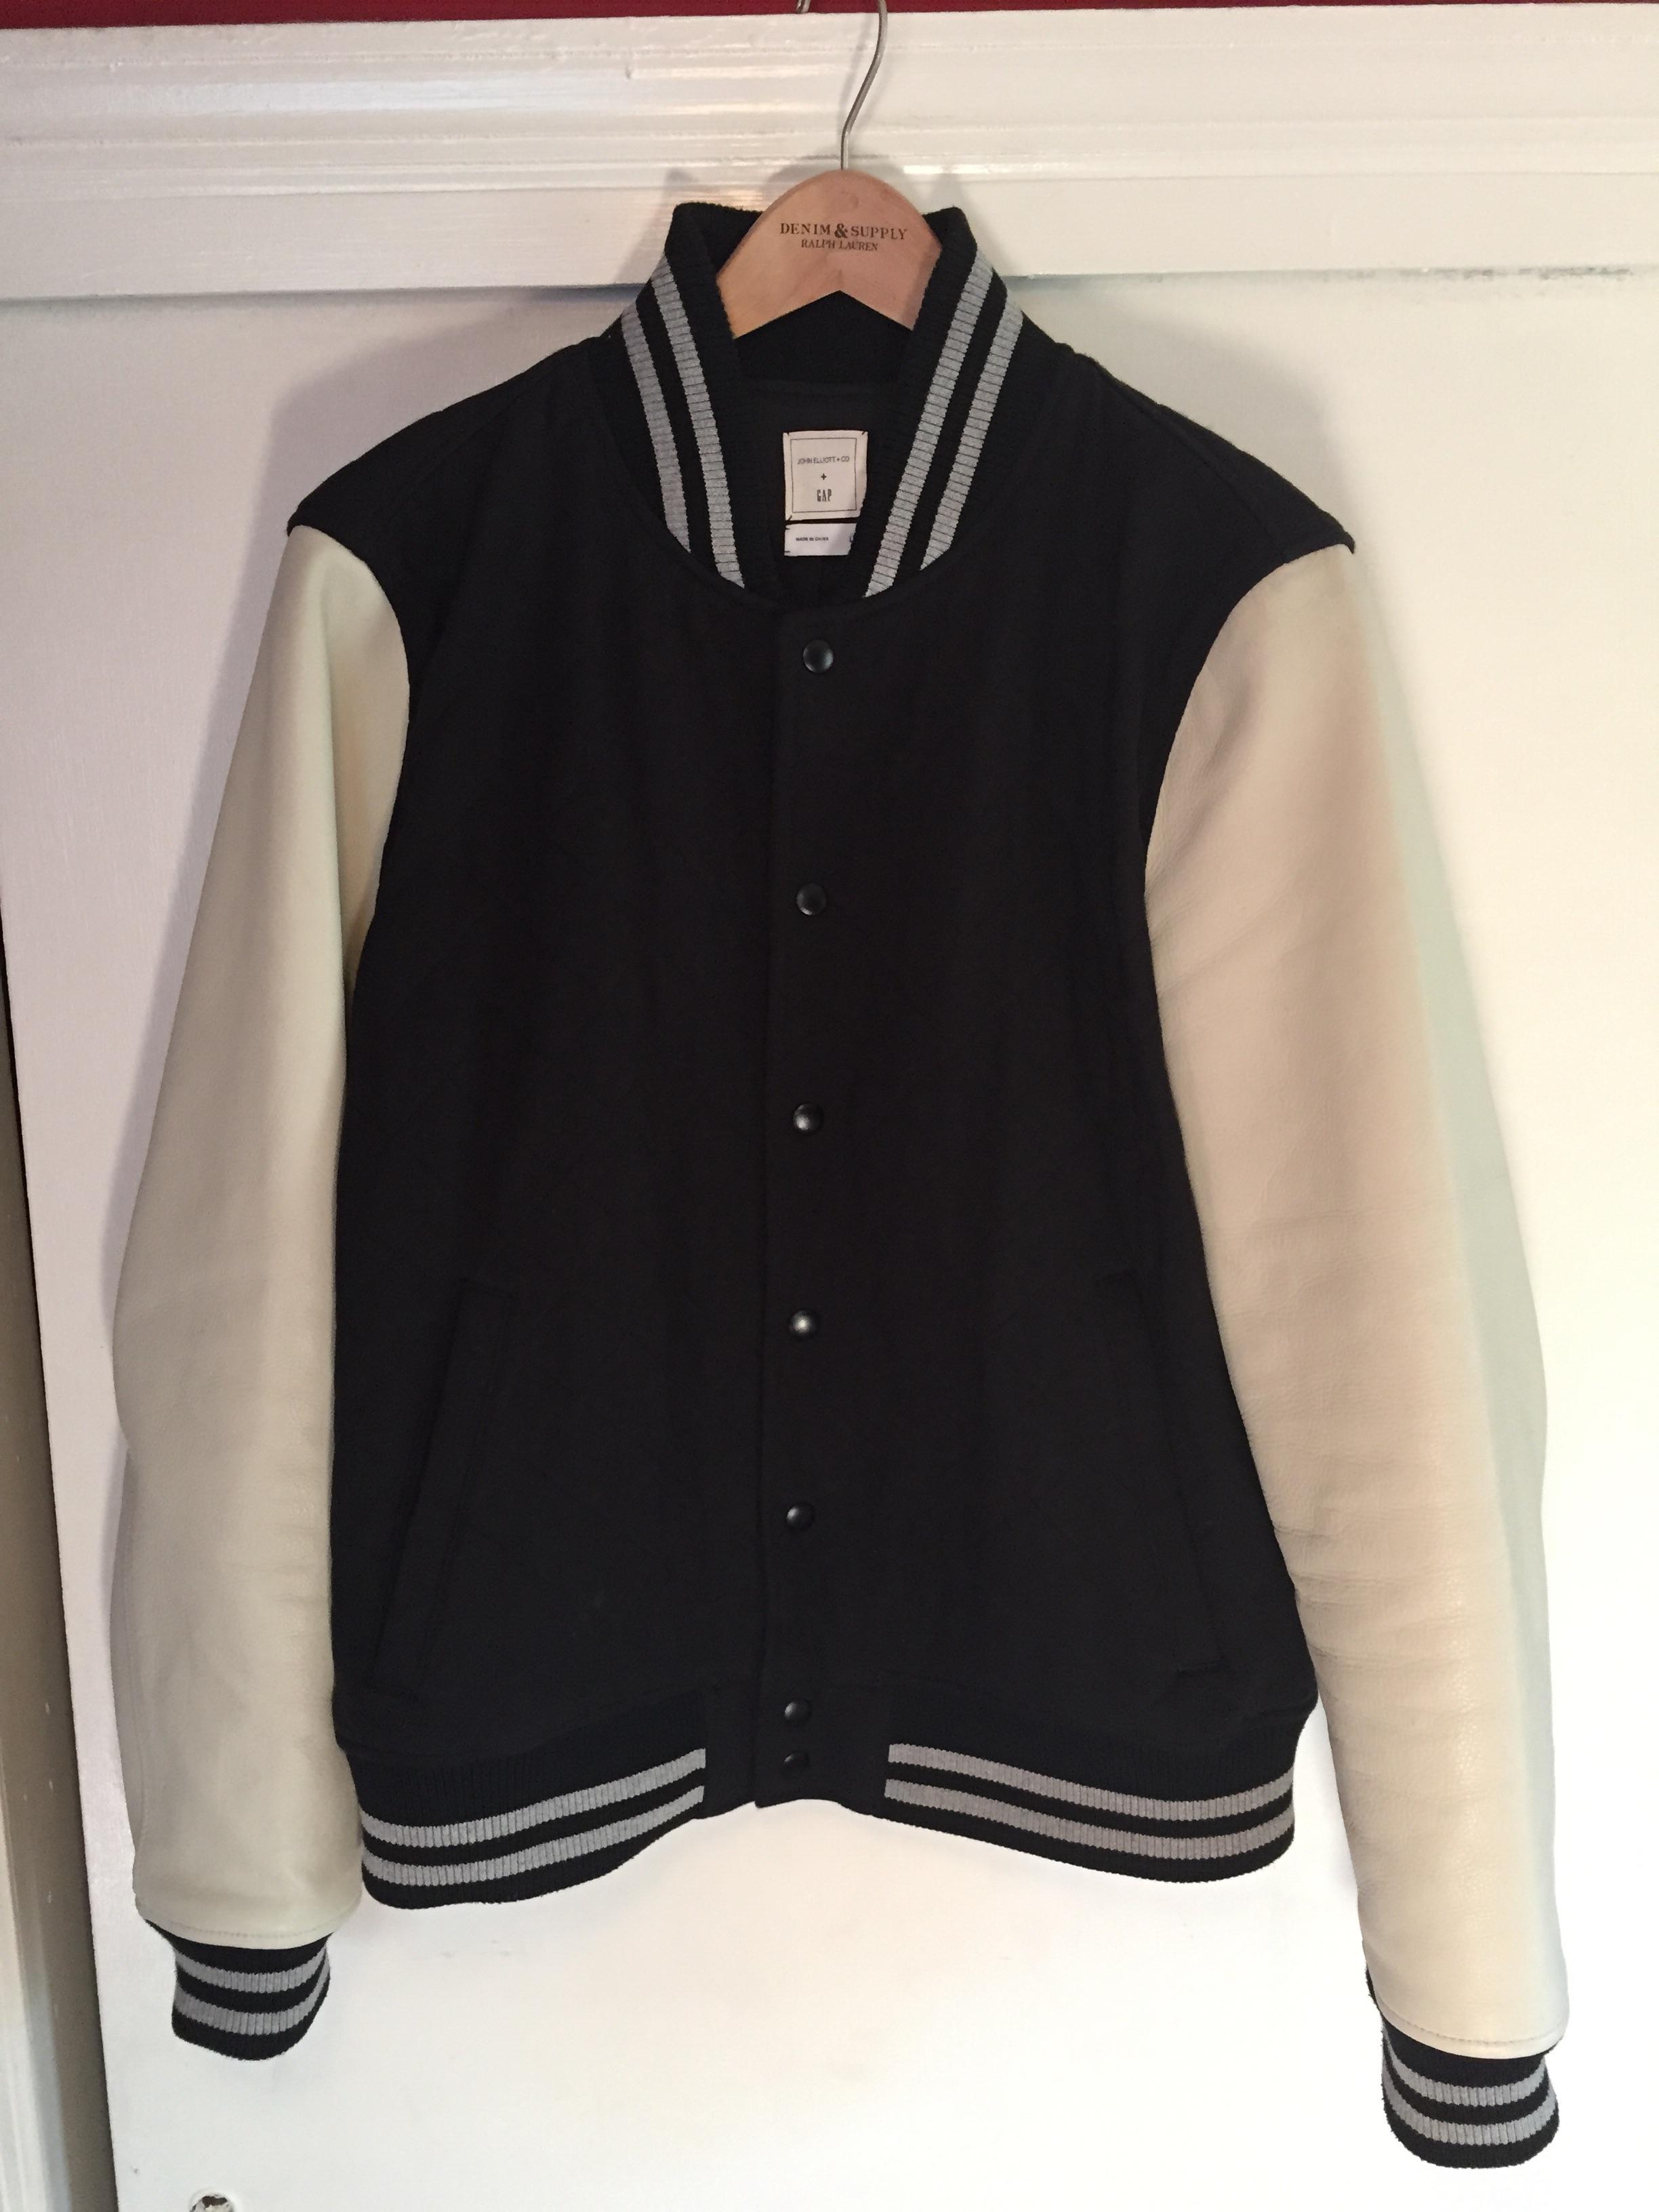 bad93b6ac John Elliott X Gap varsity jacket Size l - Light Jackets for Sale ...